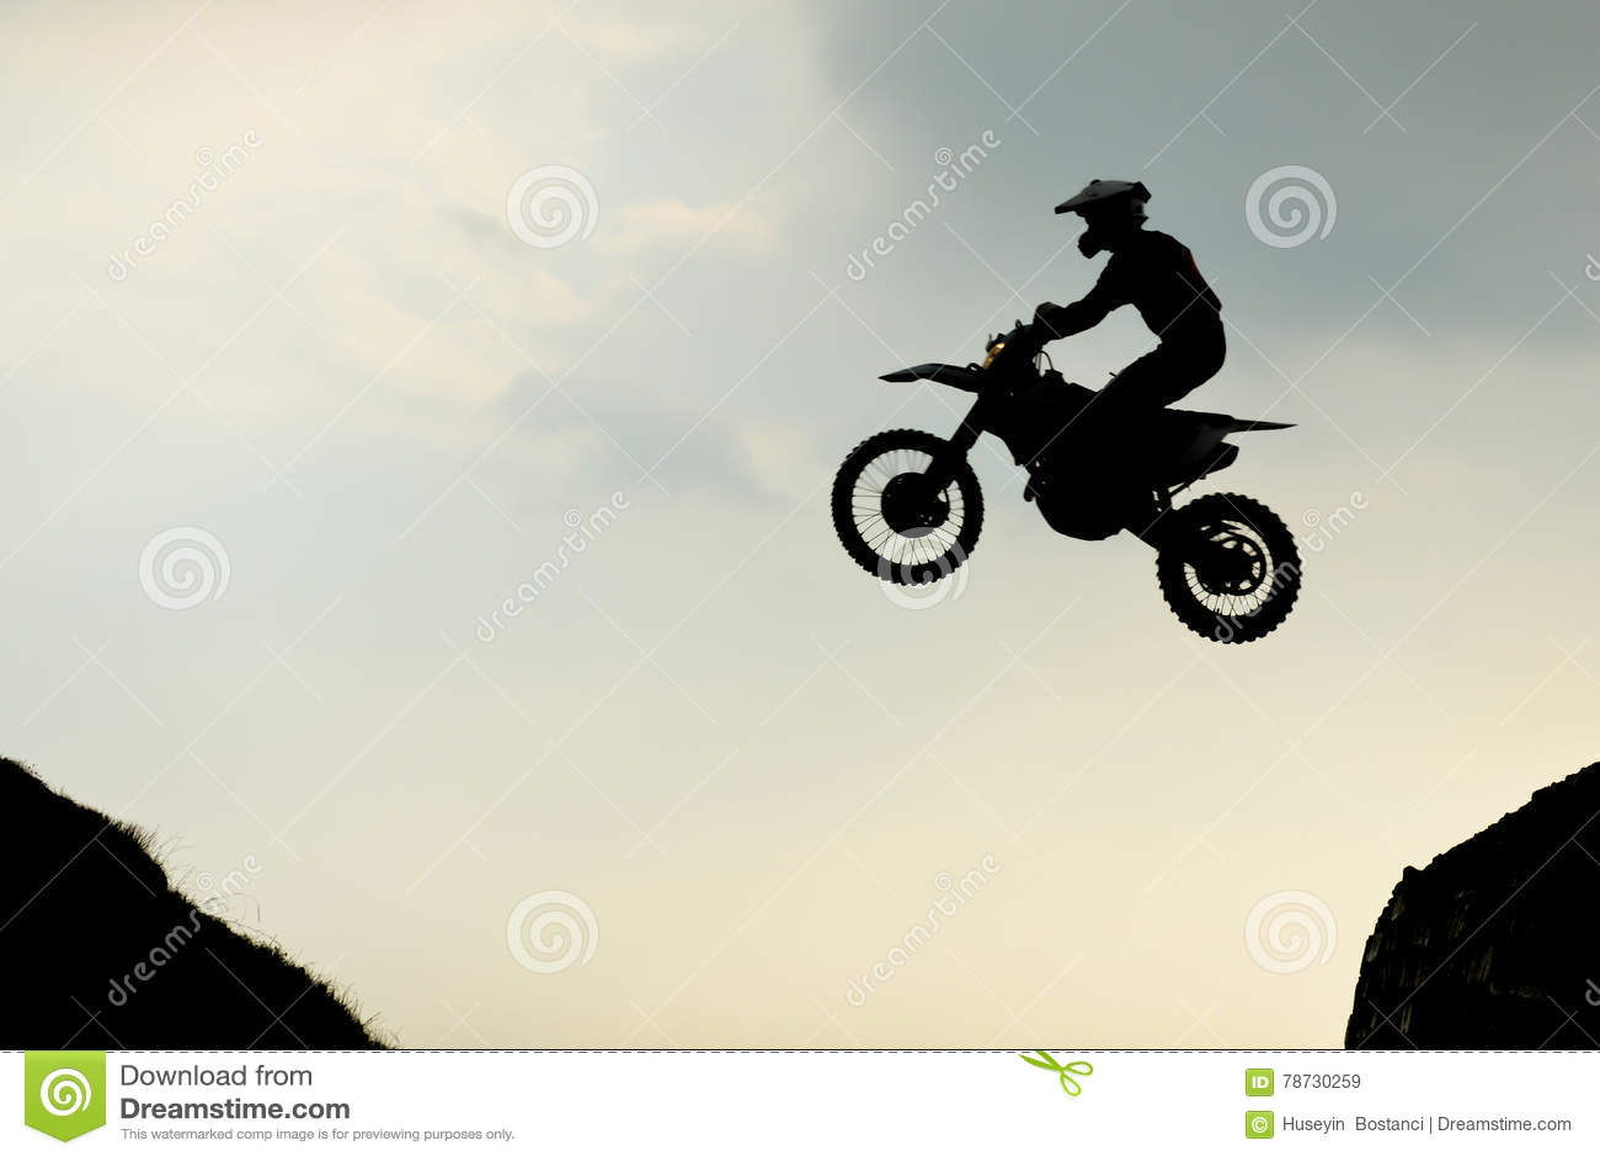 Motocrosscyklist